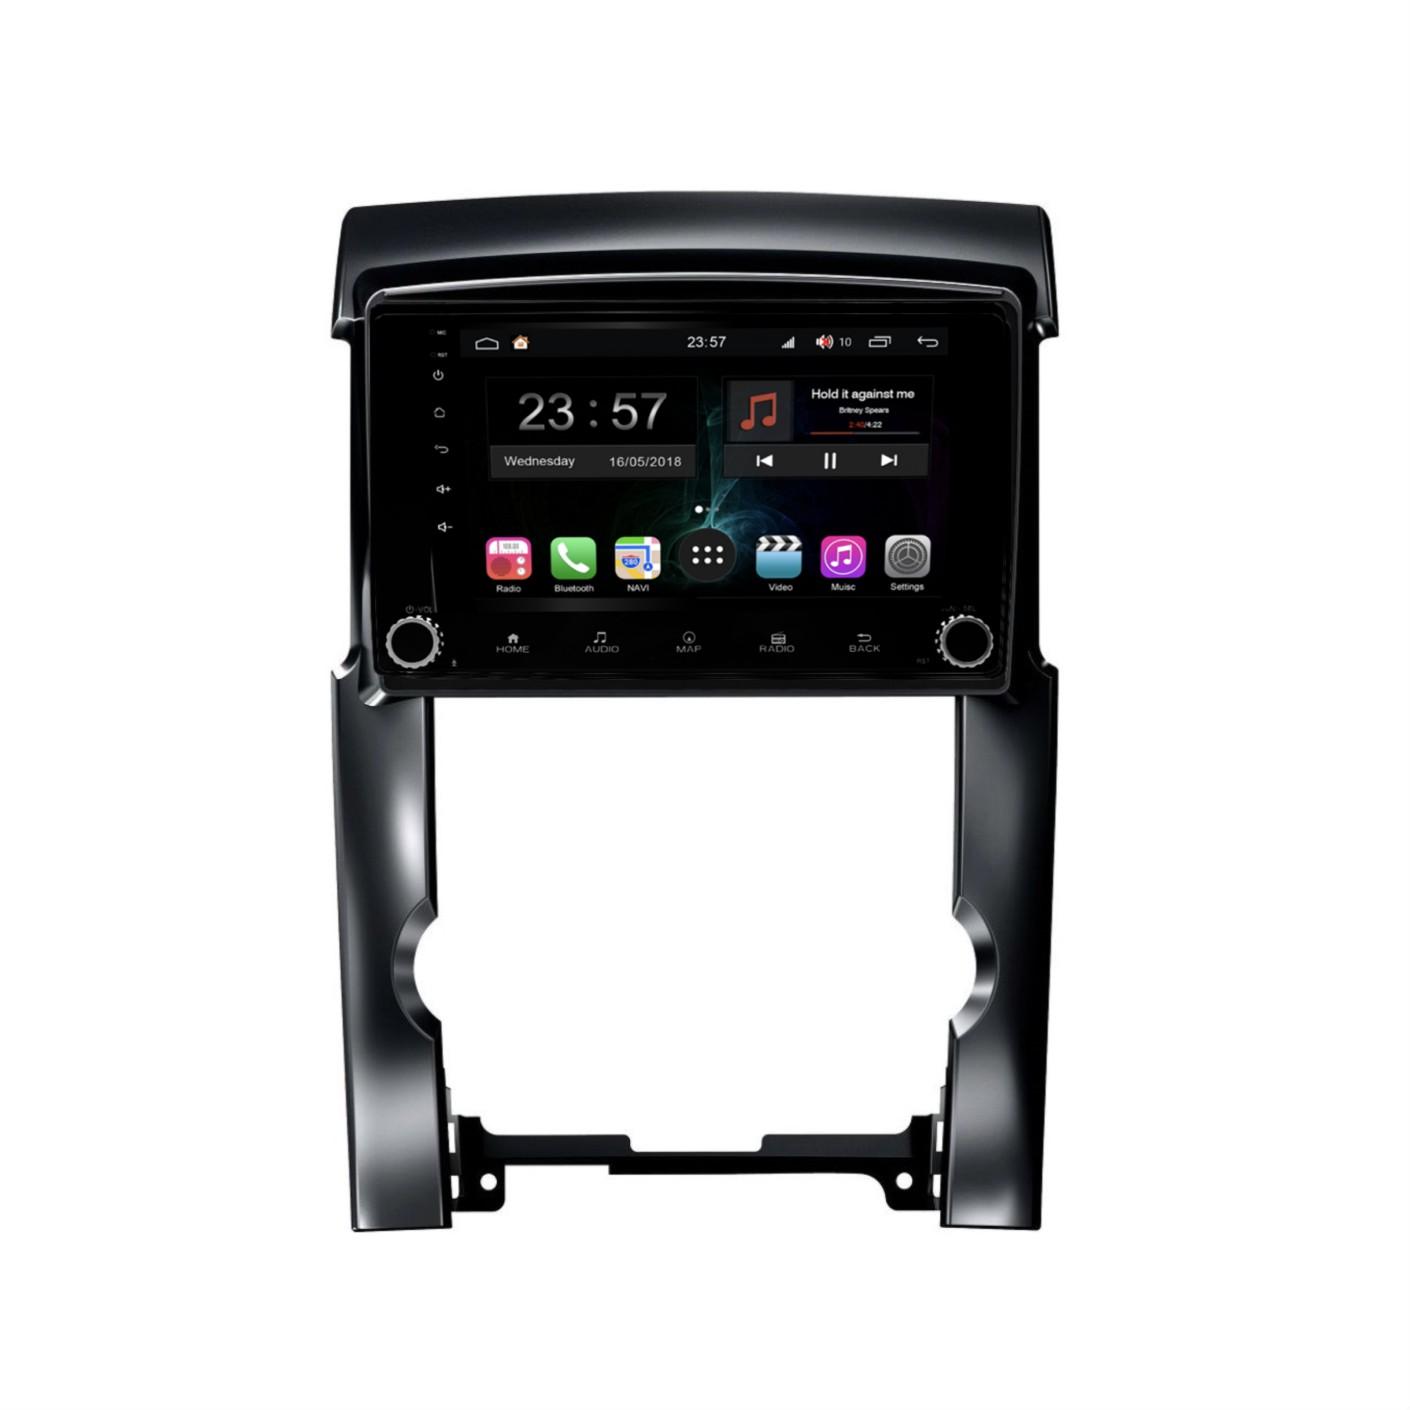 Штатная магнитола FarCar s300-SIM 4G для KIA Sorento на Android (RG041RB) (+ Камера заднего вида в подарок!)